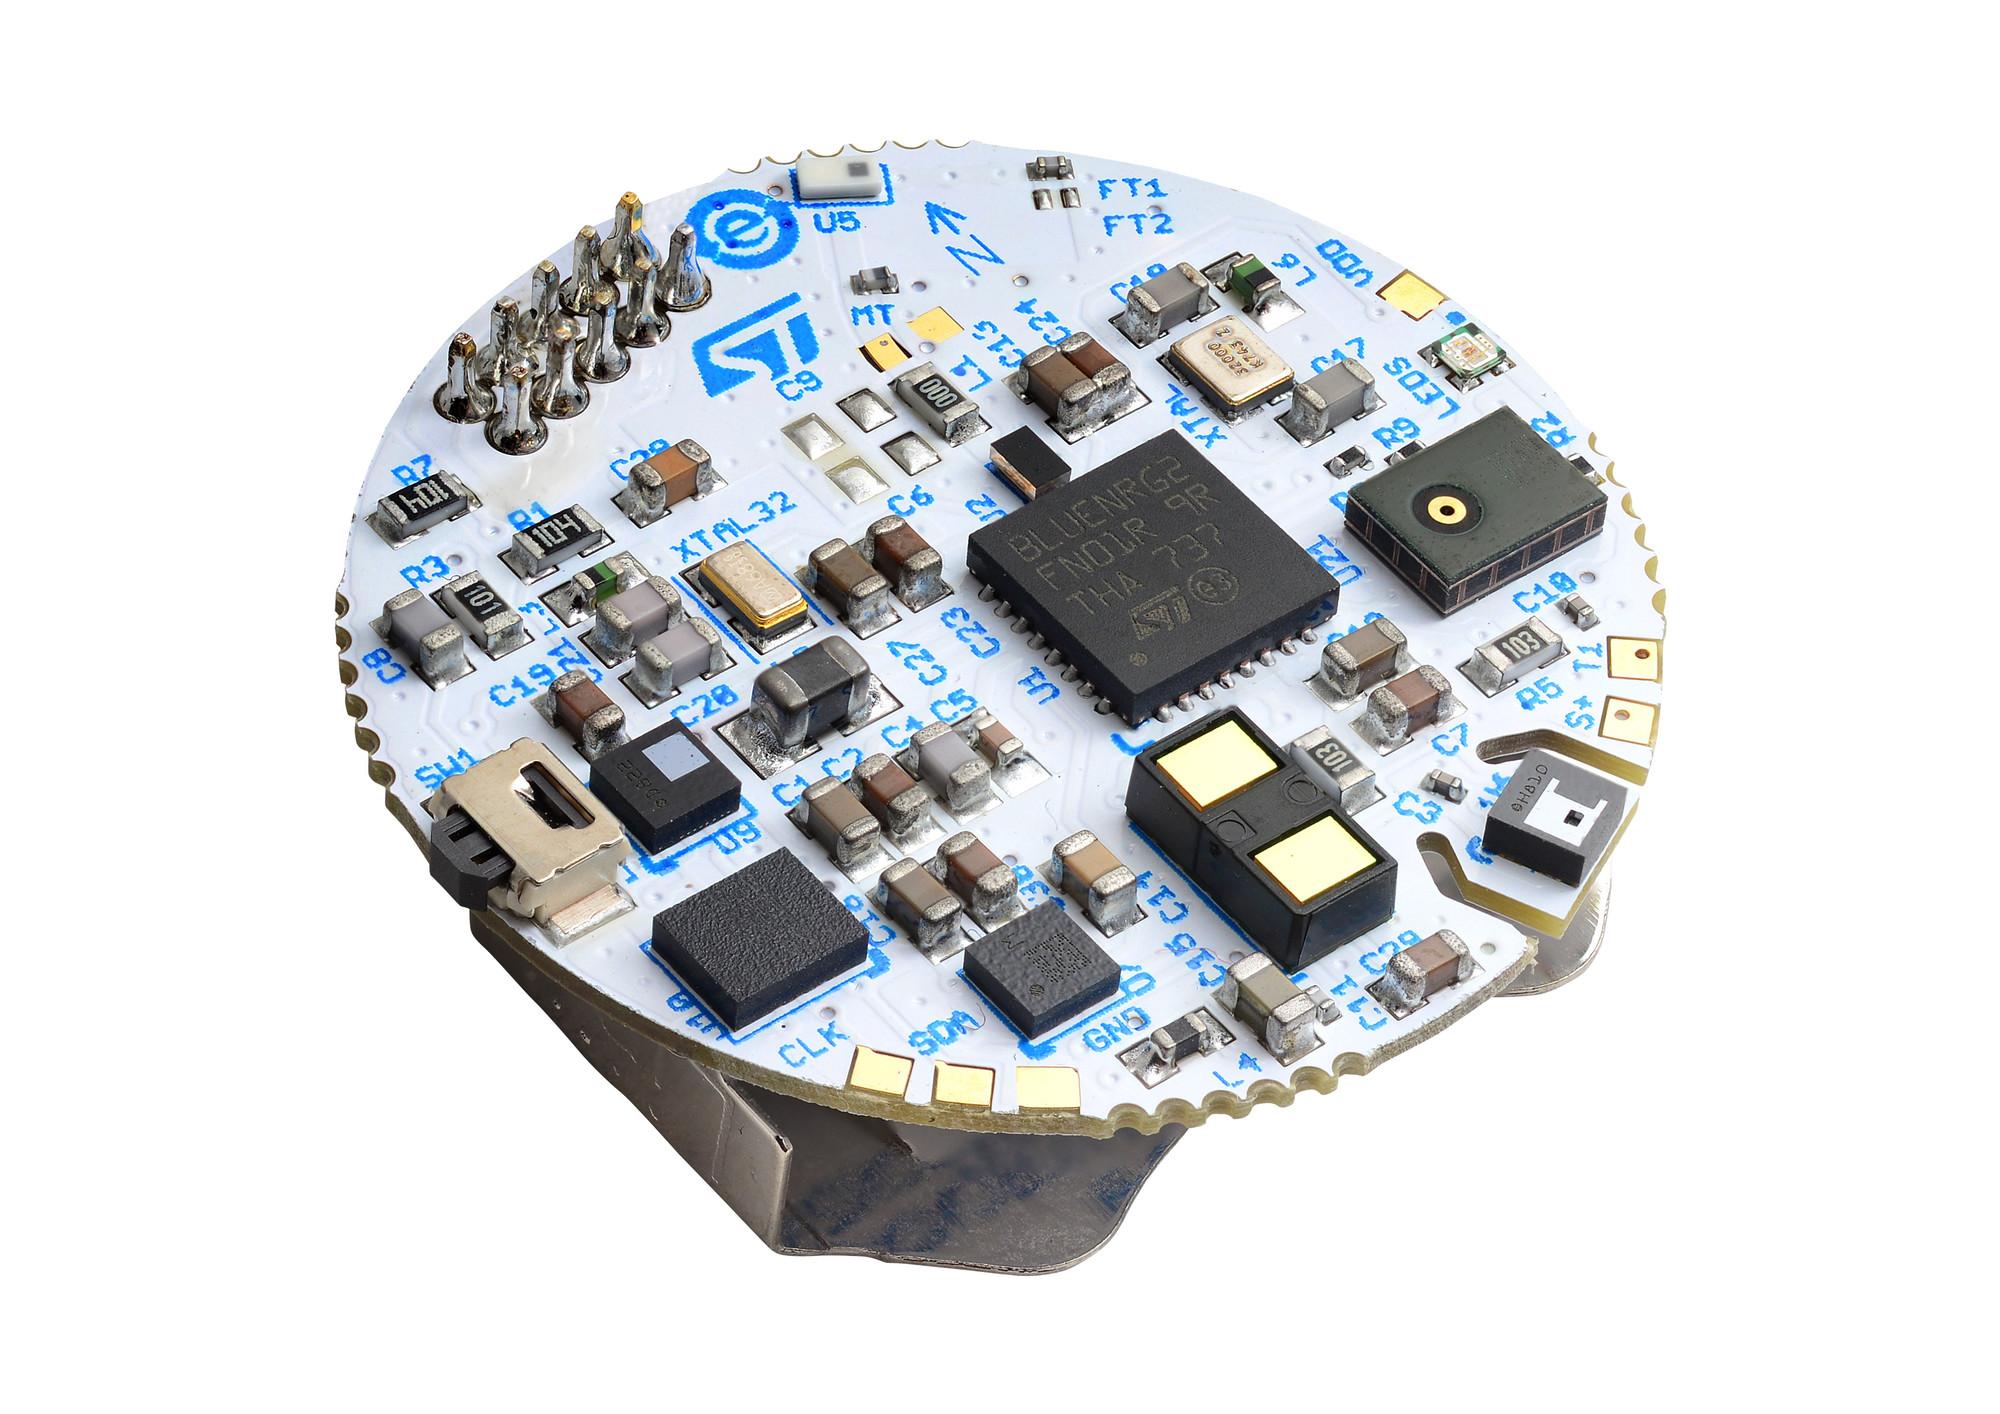 意法半导体参考设计为结构紧凑、经济划算的可穿戴设备提供社交距离监测、接触溯源和远程功能